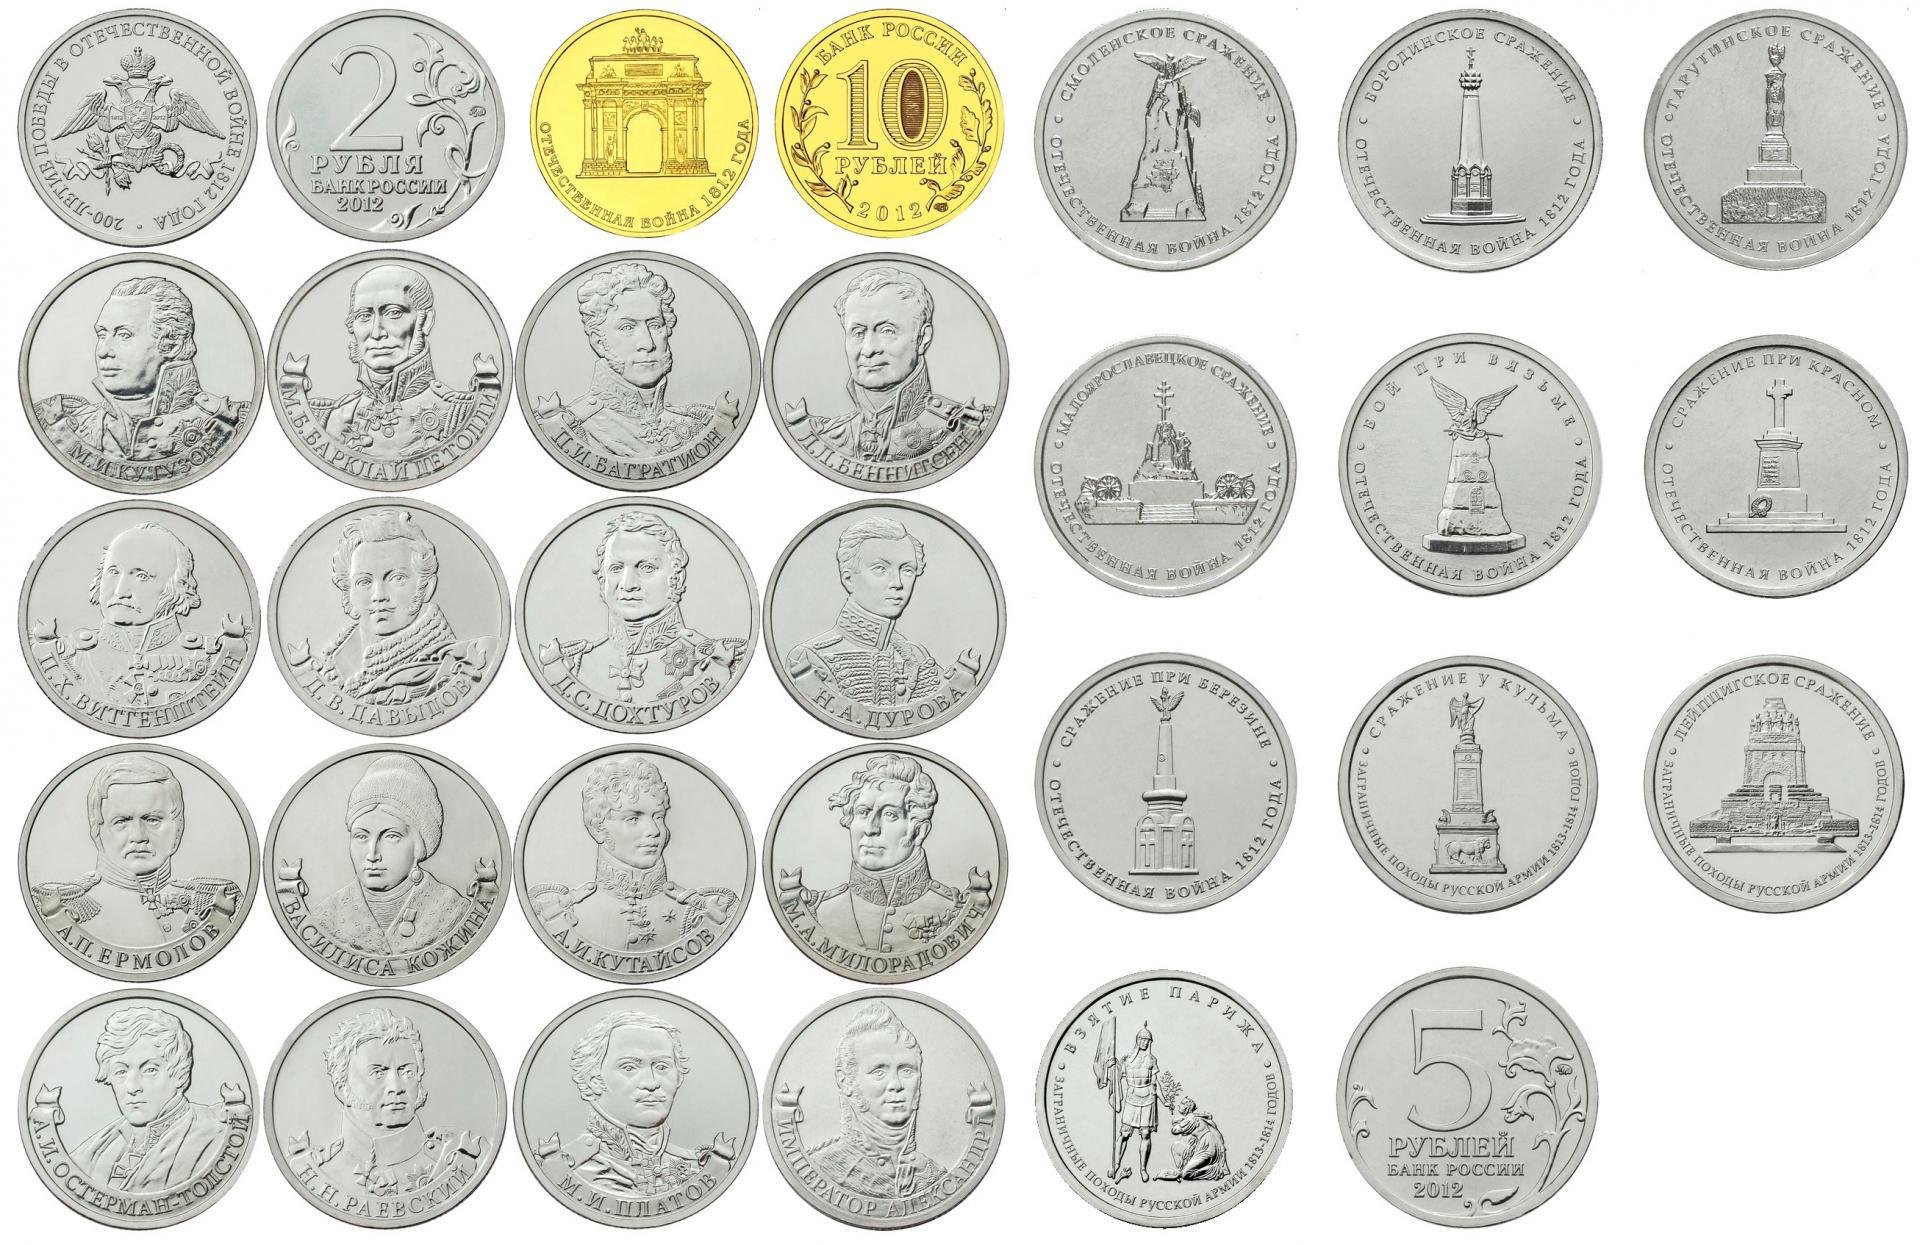 Серия монет 200 лет победы в Отечественной войне 1812 года